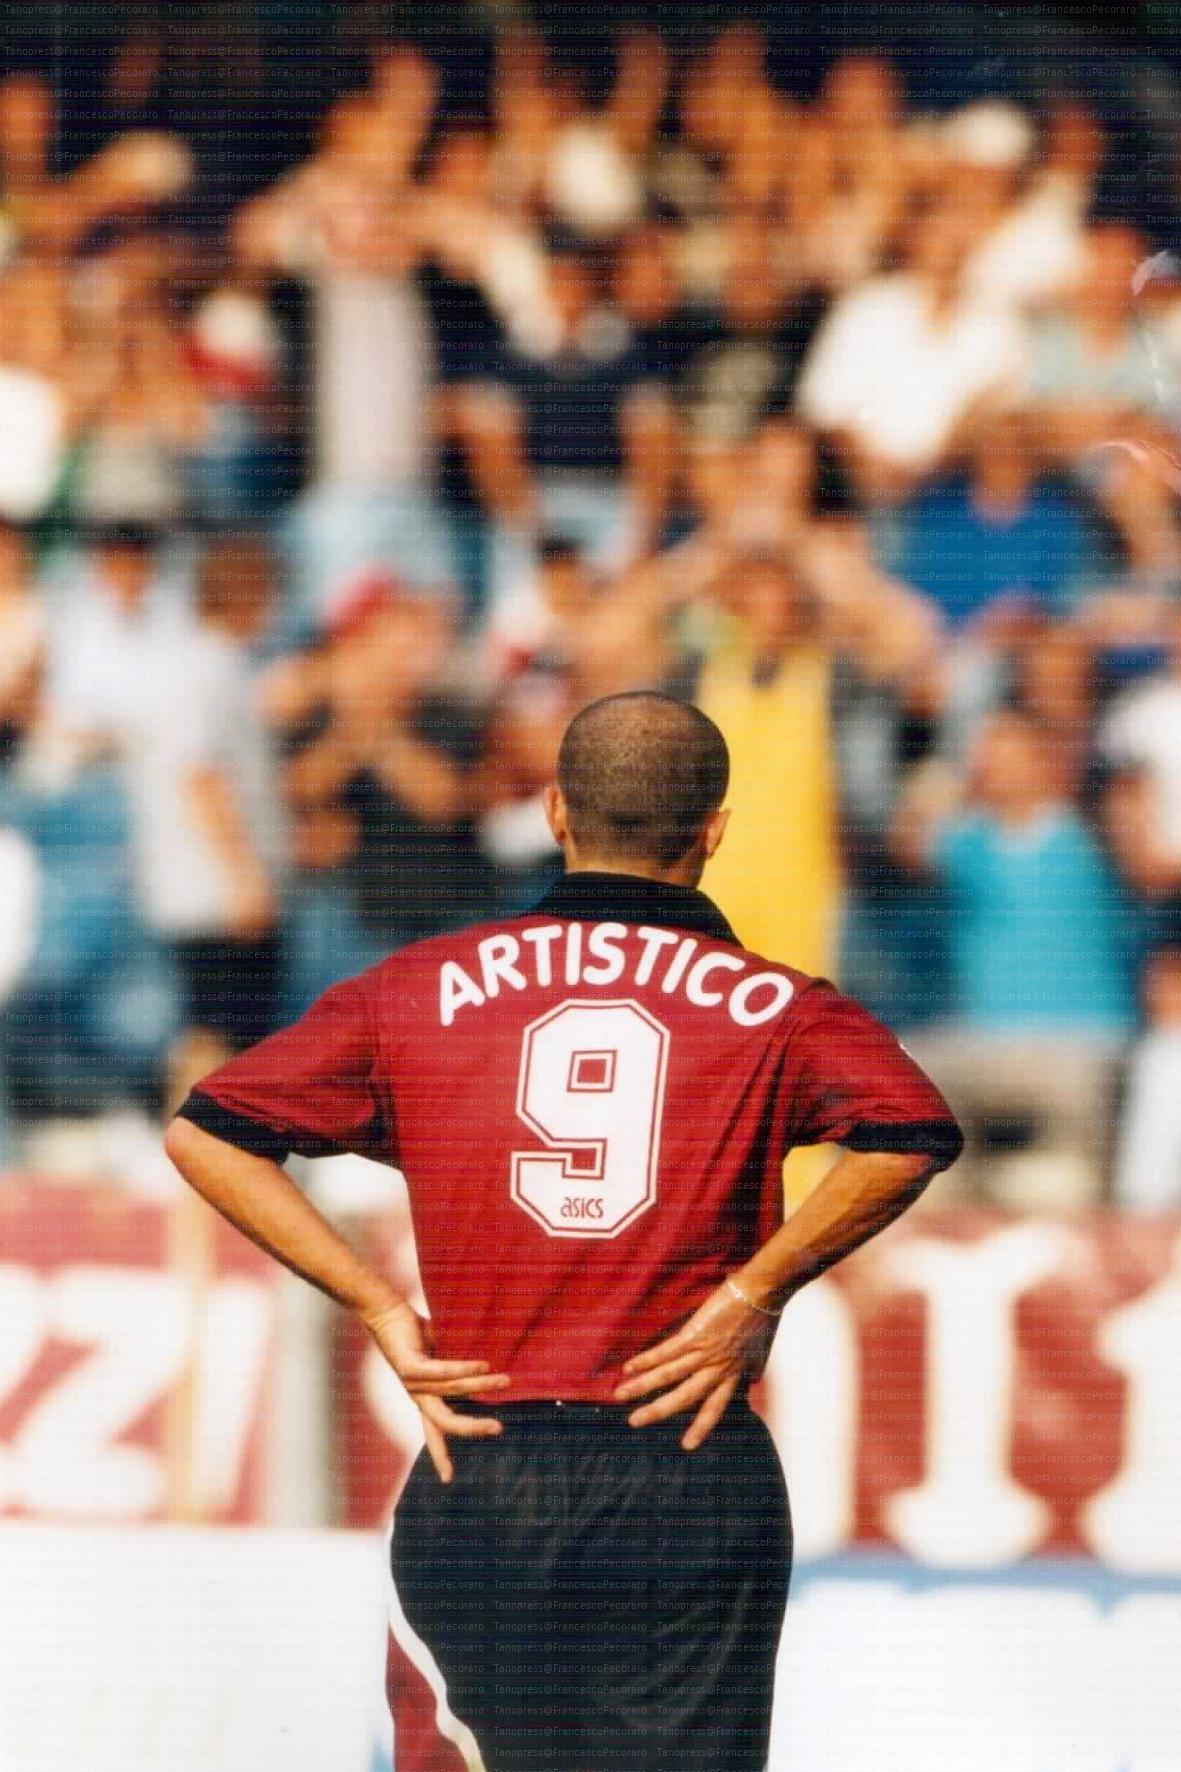 Artistico02